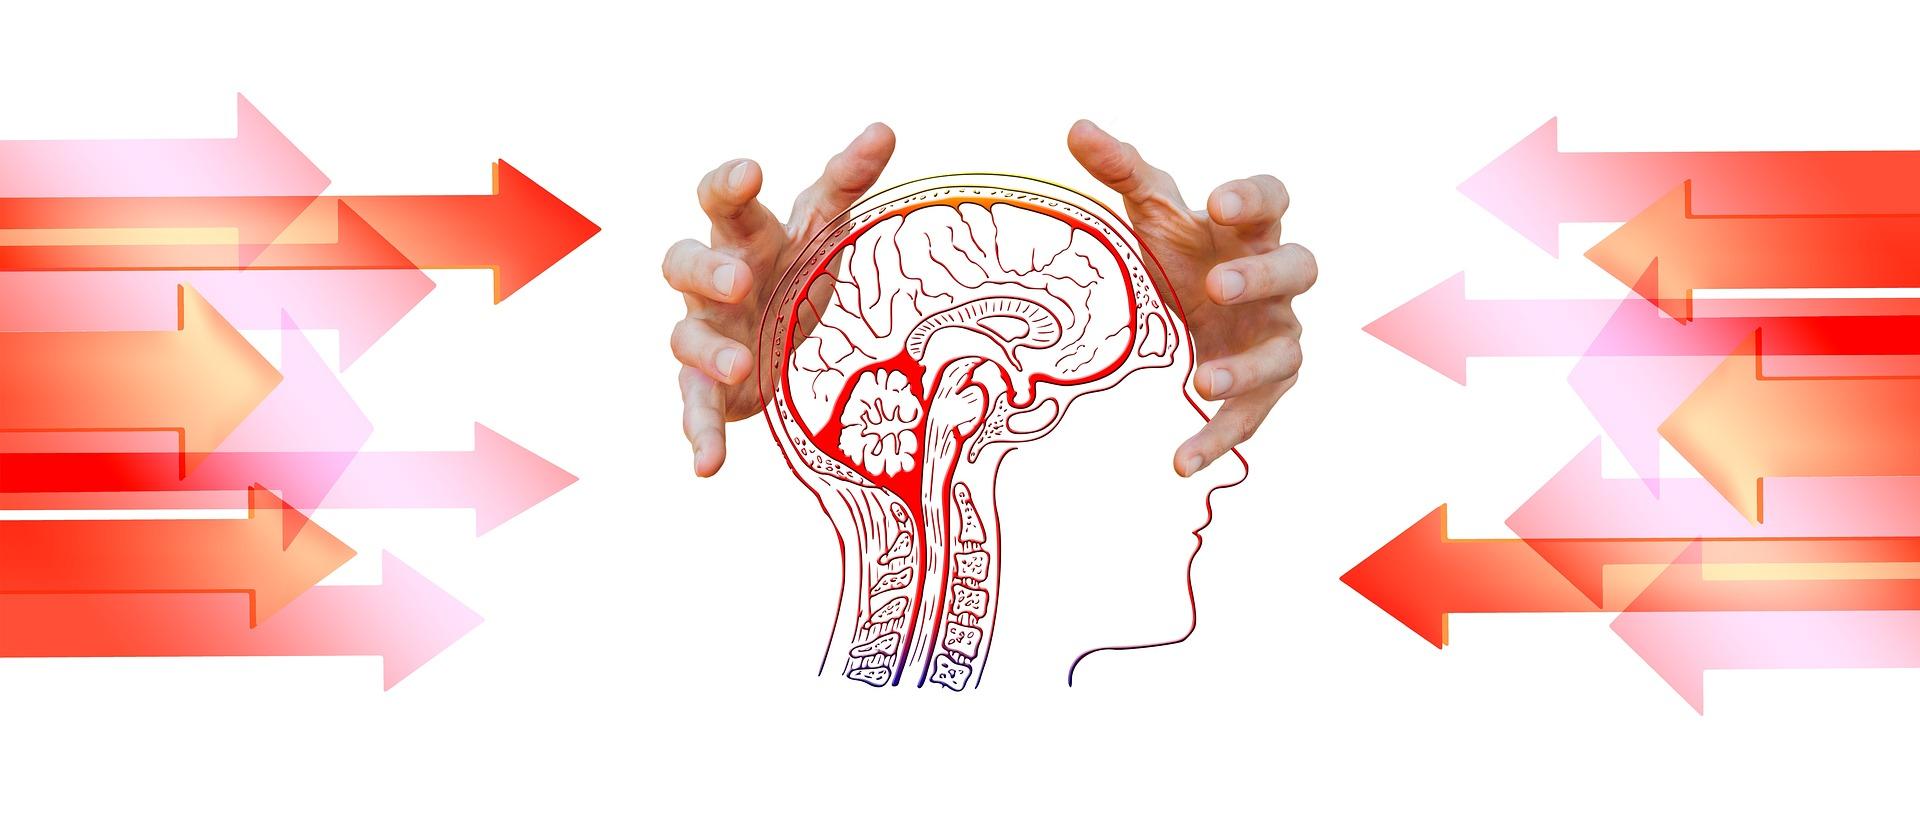 Selvhypnose kan bruges til at opnå forandringer i dit lig